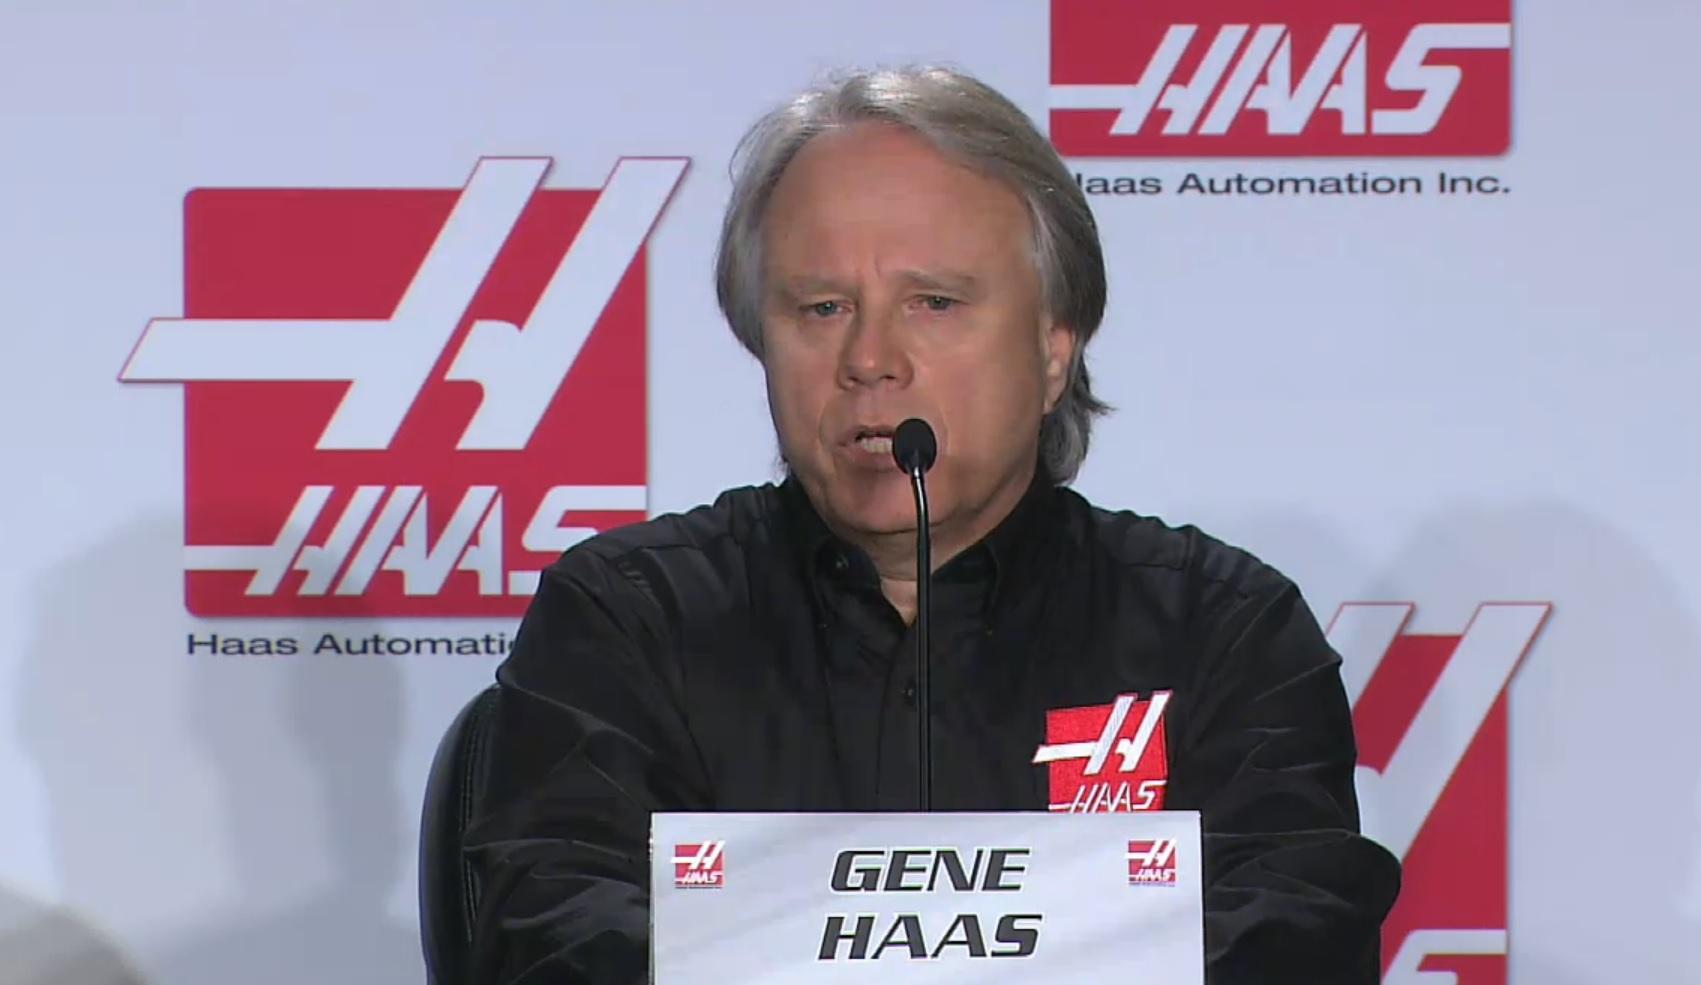 Para Gene Haas la mitad de tabla es una franja muy competitiva de la F1